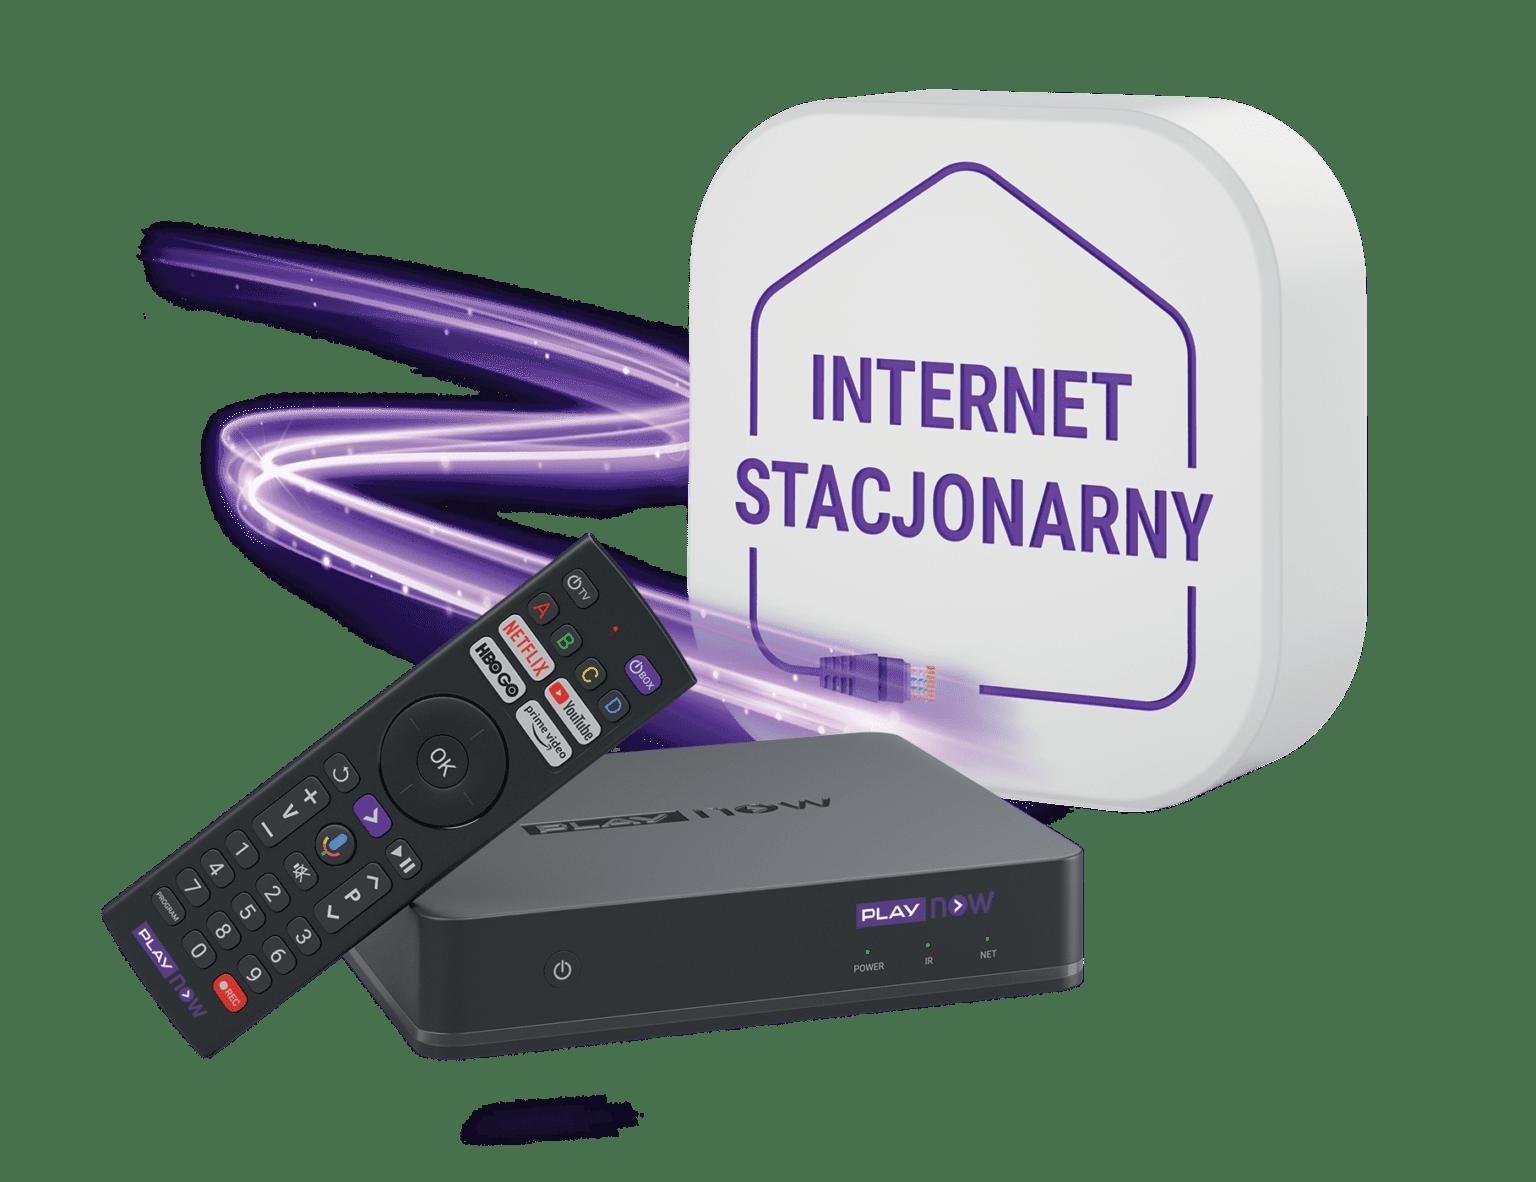 Internet stacjonarny dla studentów od Play